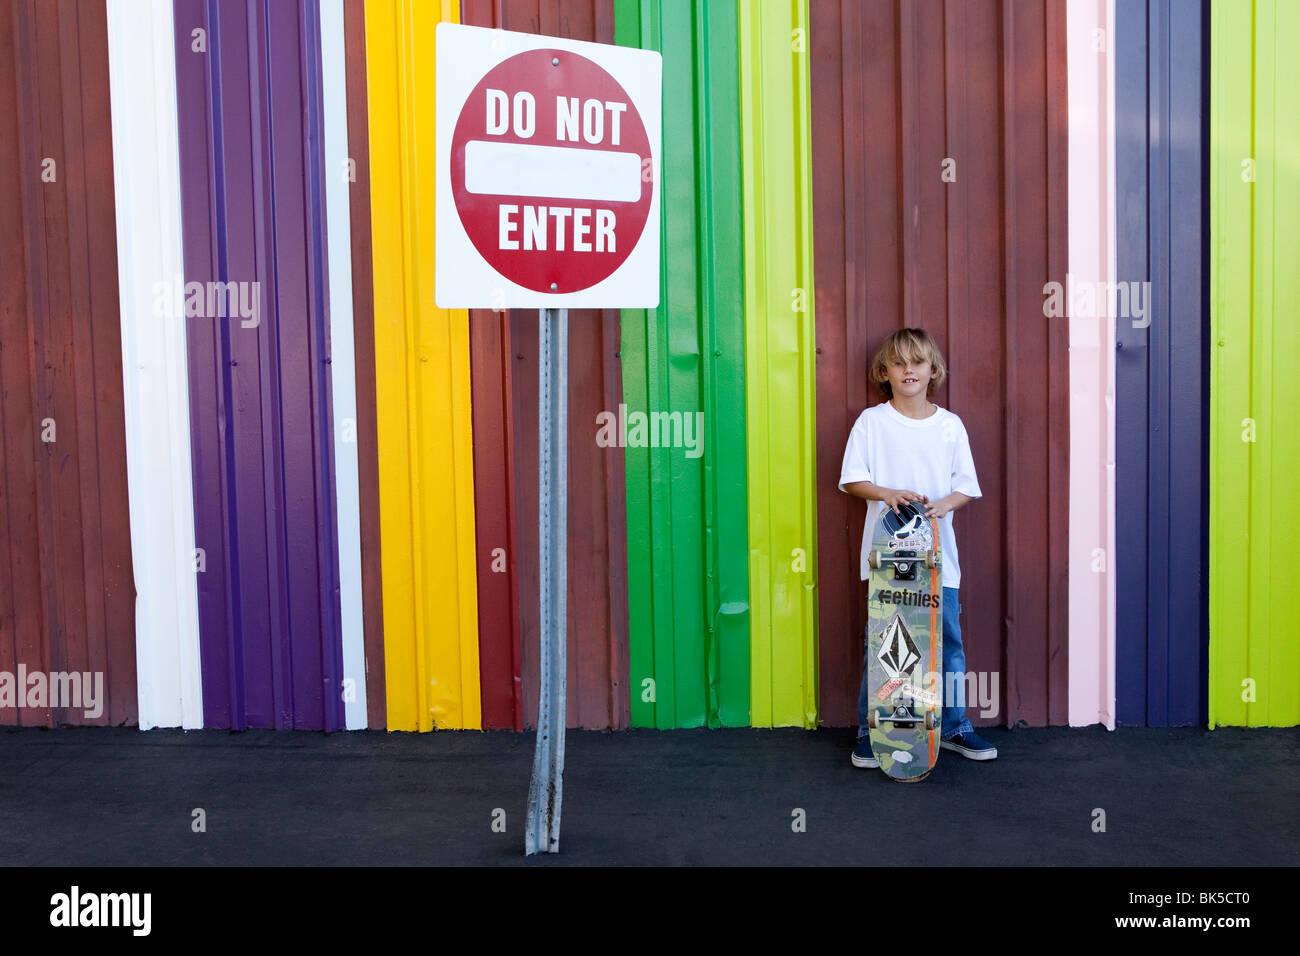 Garçon avec skateboard en face de mur à rayures colorées Photo Stock